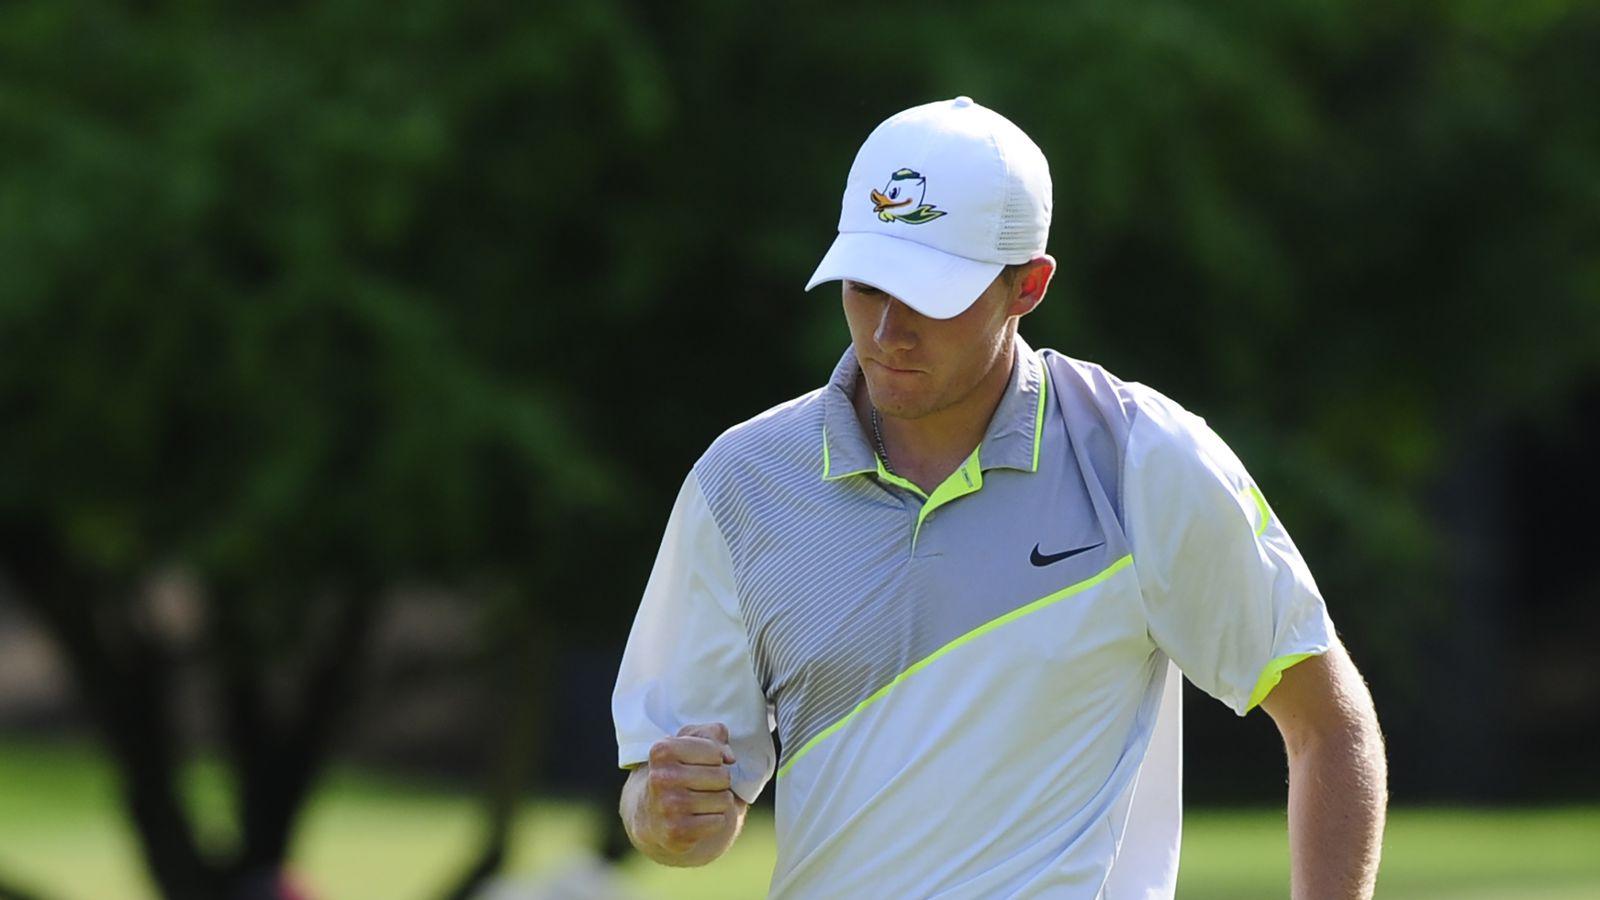 Oregon Ducks Golfer Aaron Wise Qualifies for U.S. Open ...